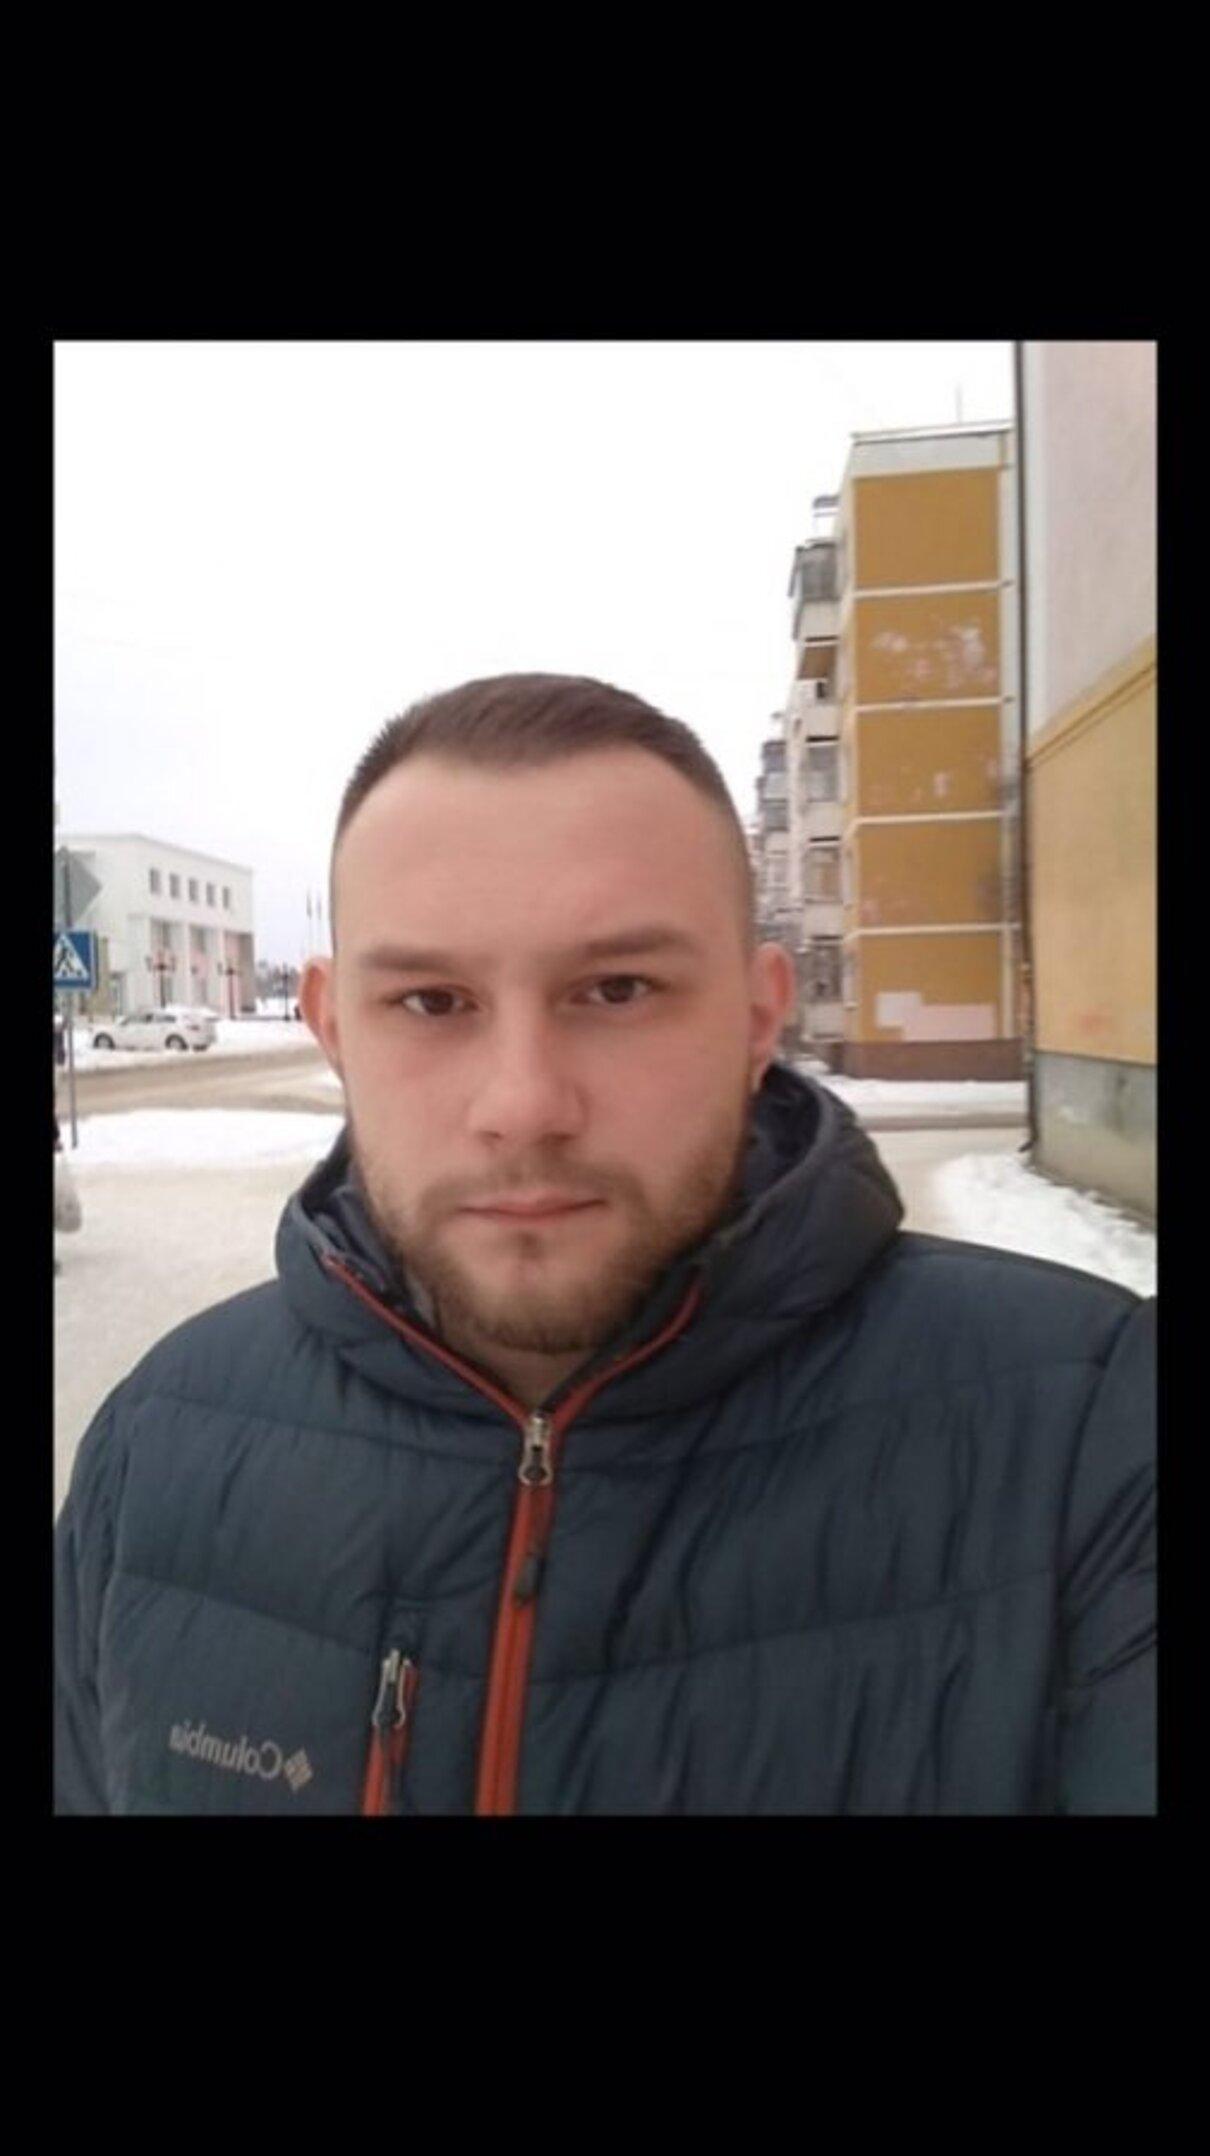 Жалоба-отзыв: Калашников Константин - Аферист и мошенник